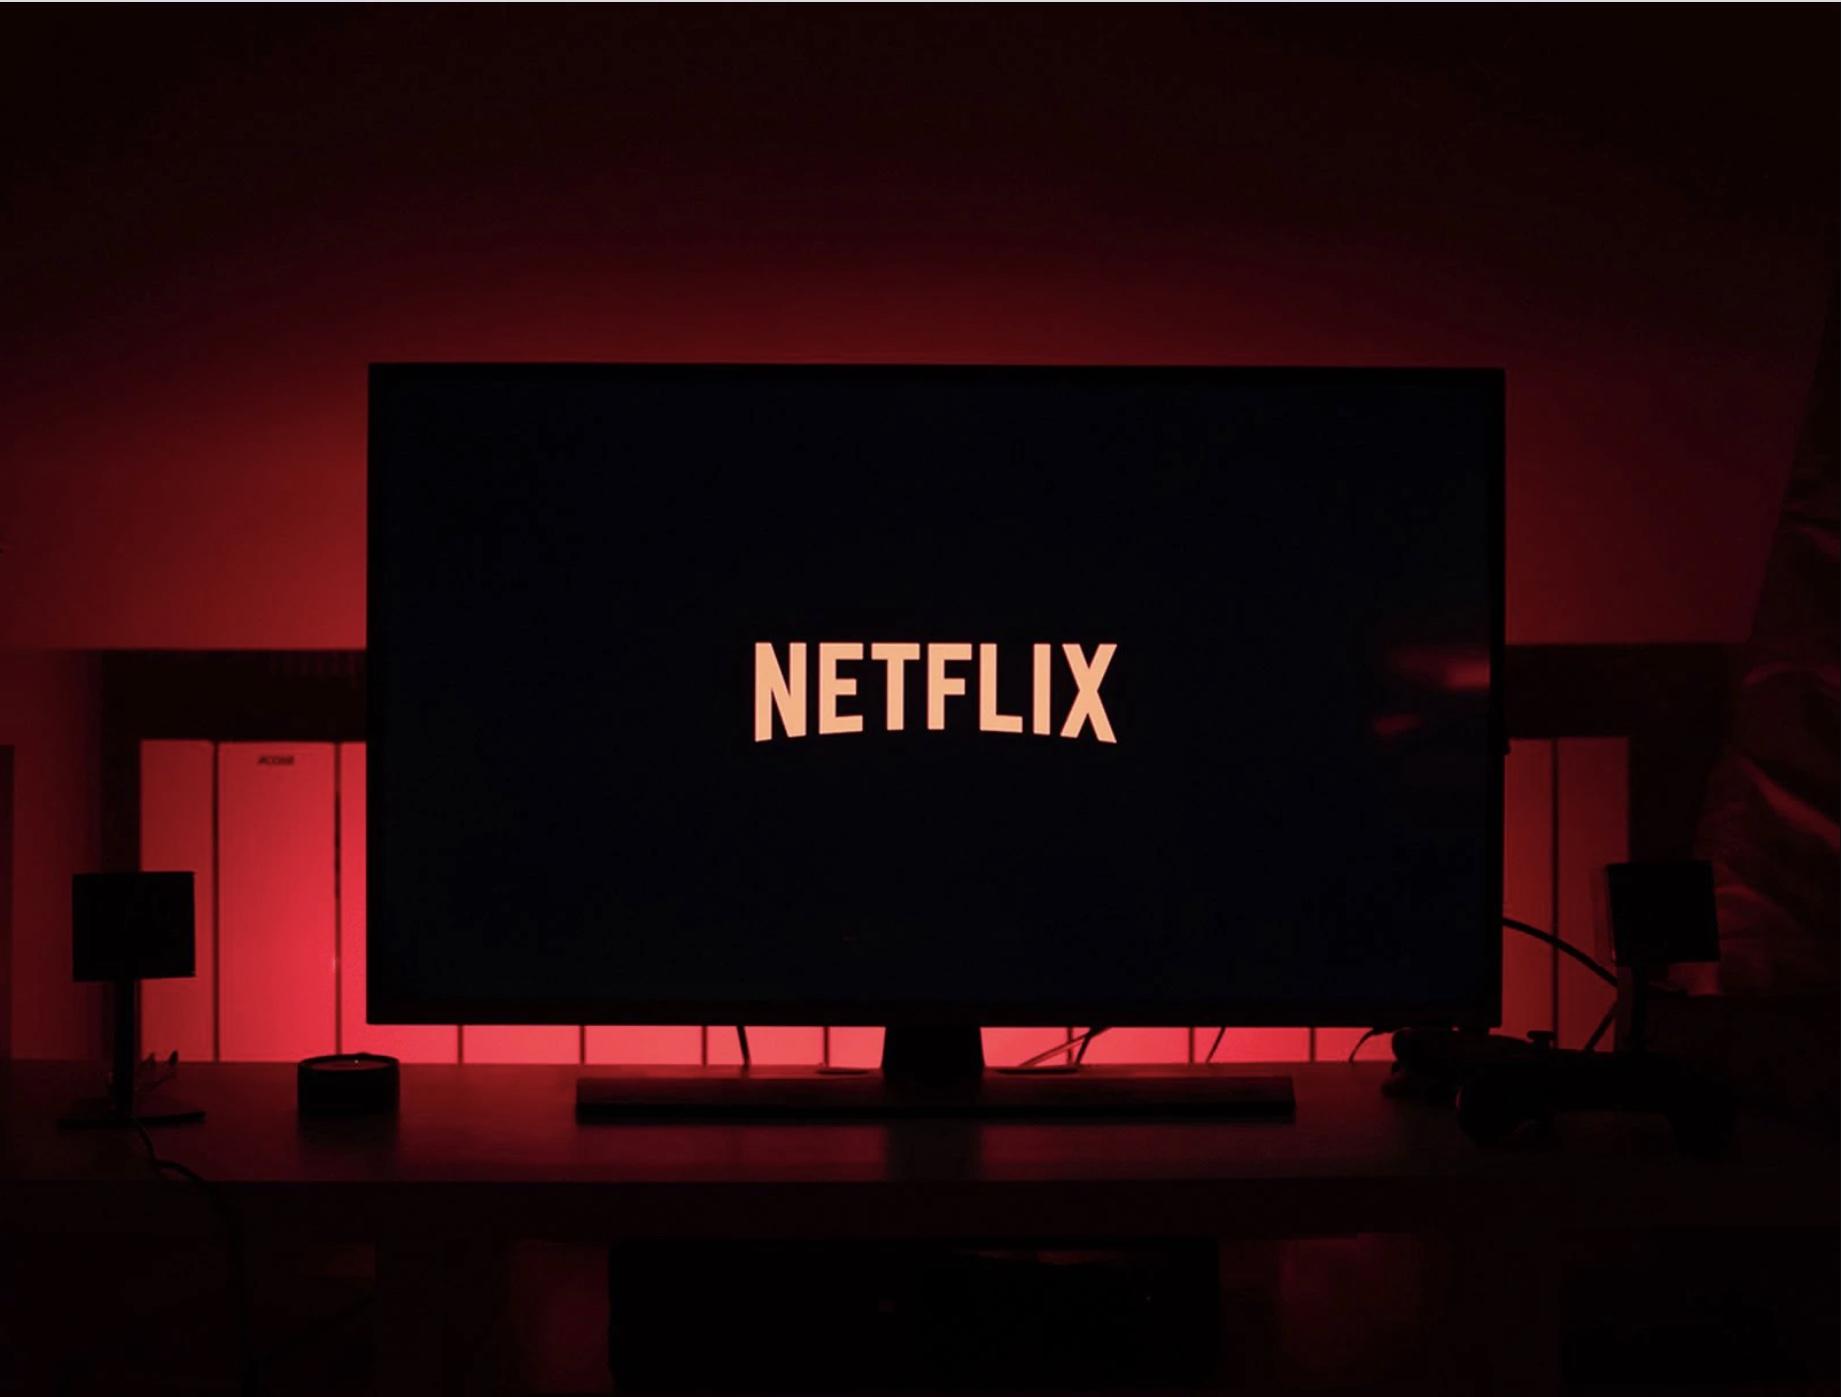 """Для тих, хто не може обрати: Netflix офіційно запустив функцію """"Увімкнути щось"""""""